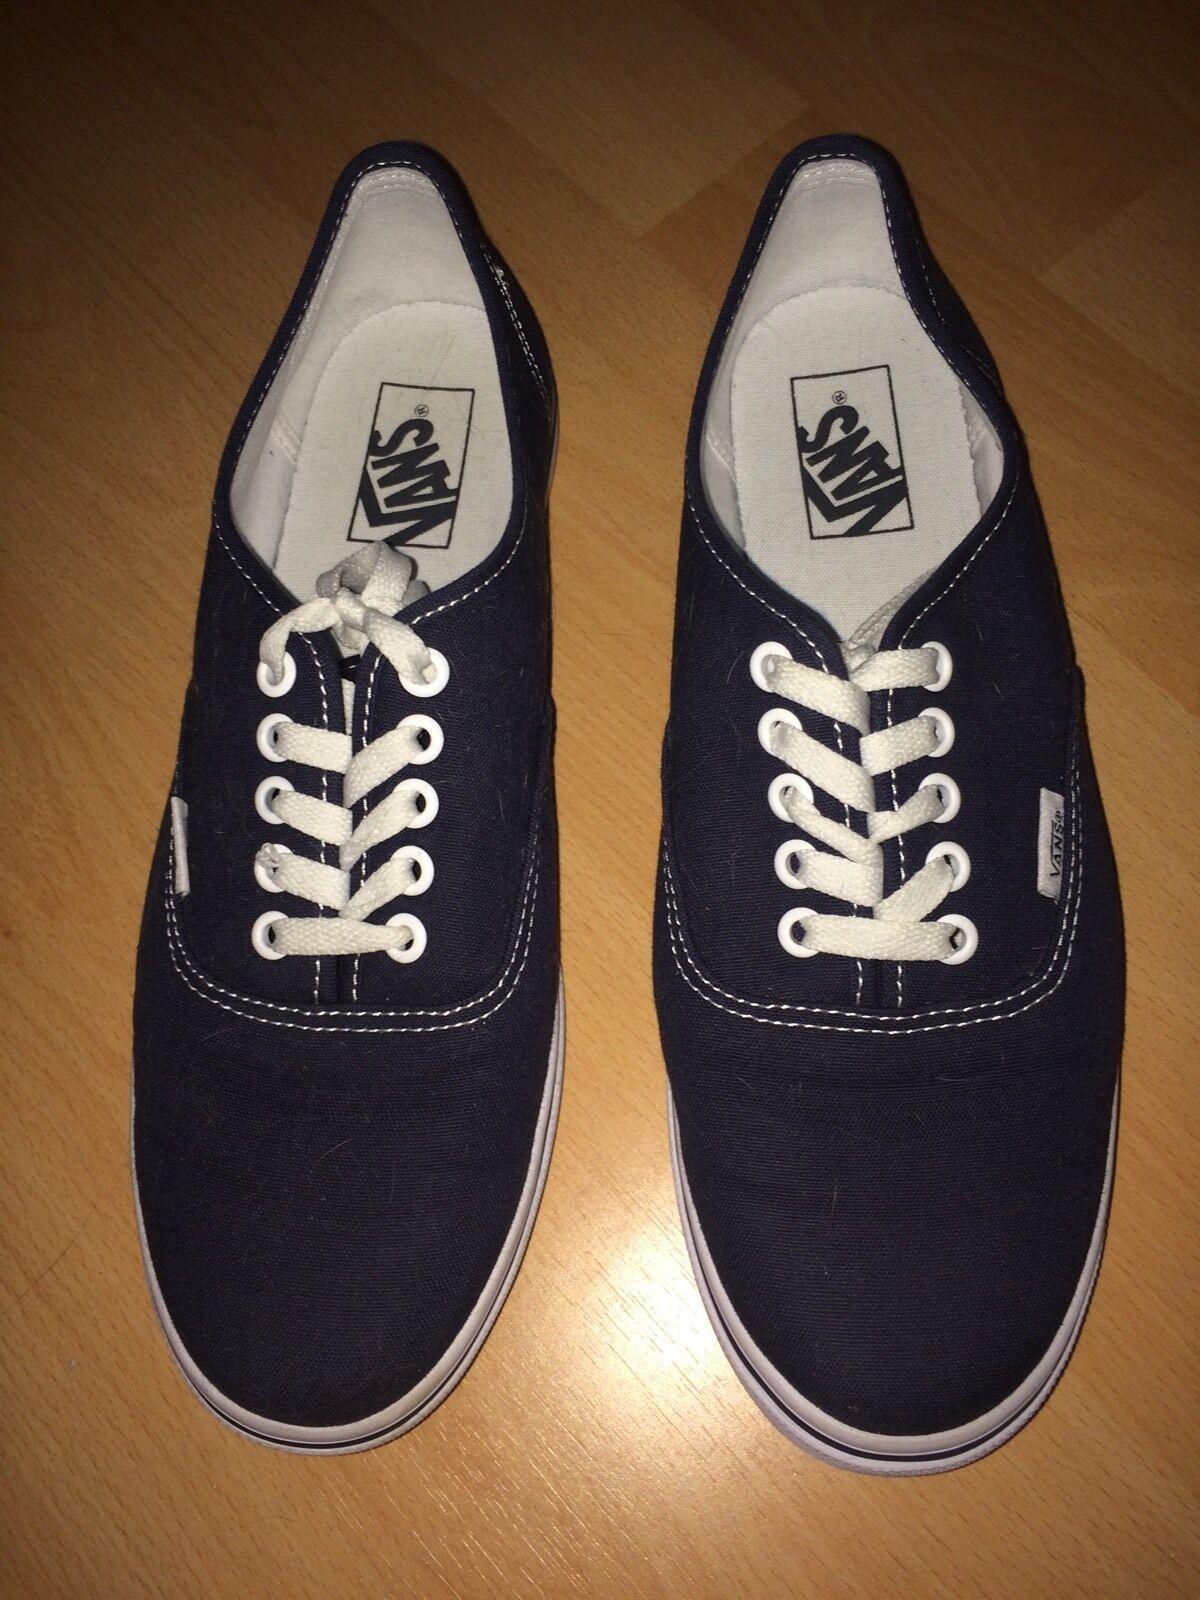 VANS Damen Schuhe Turnschuhe blau dunkelblau marine 40 US 9,5 Sneaker